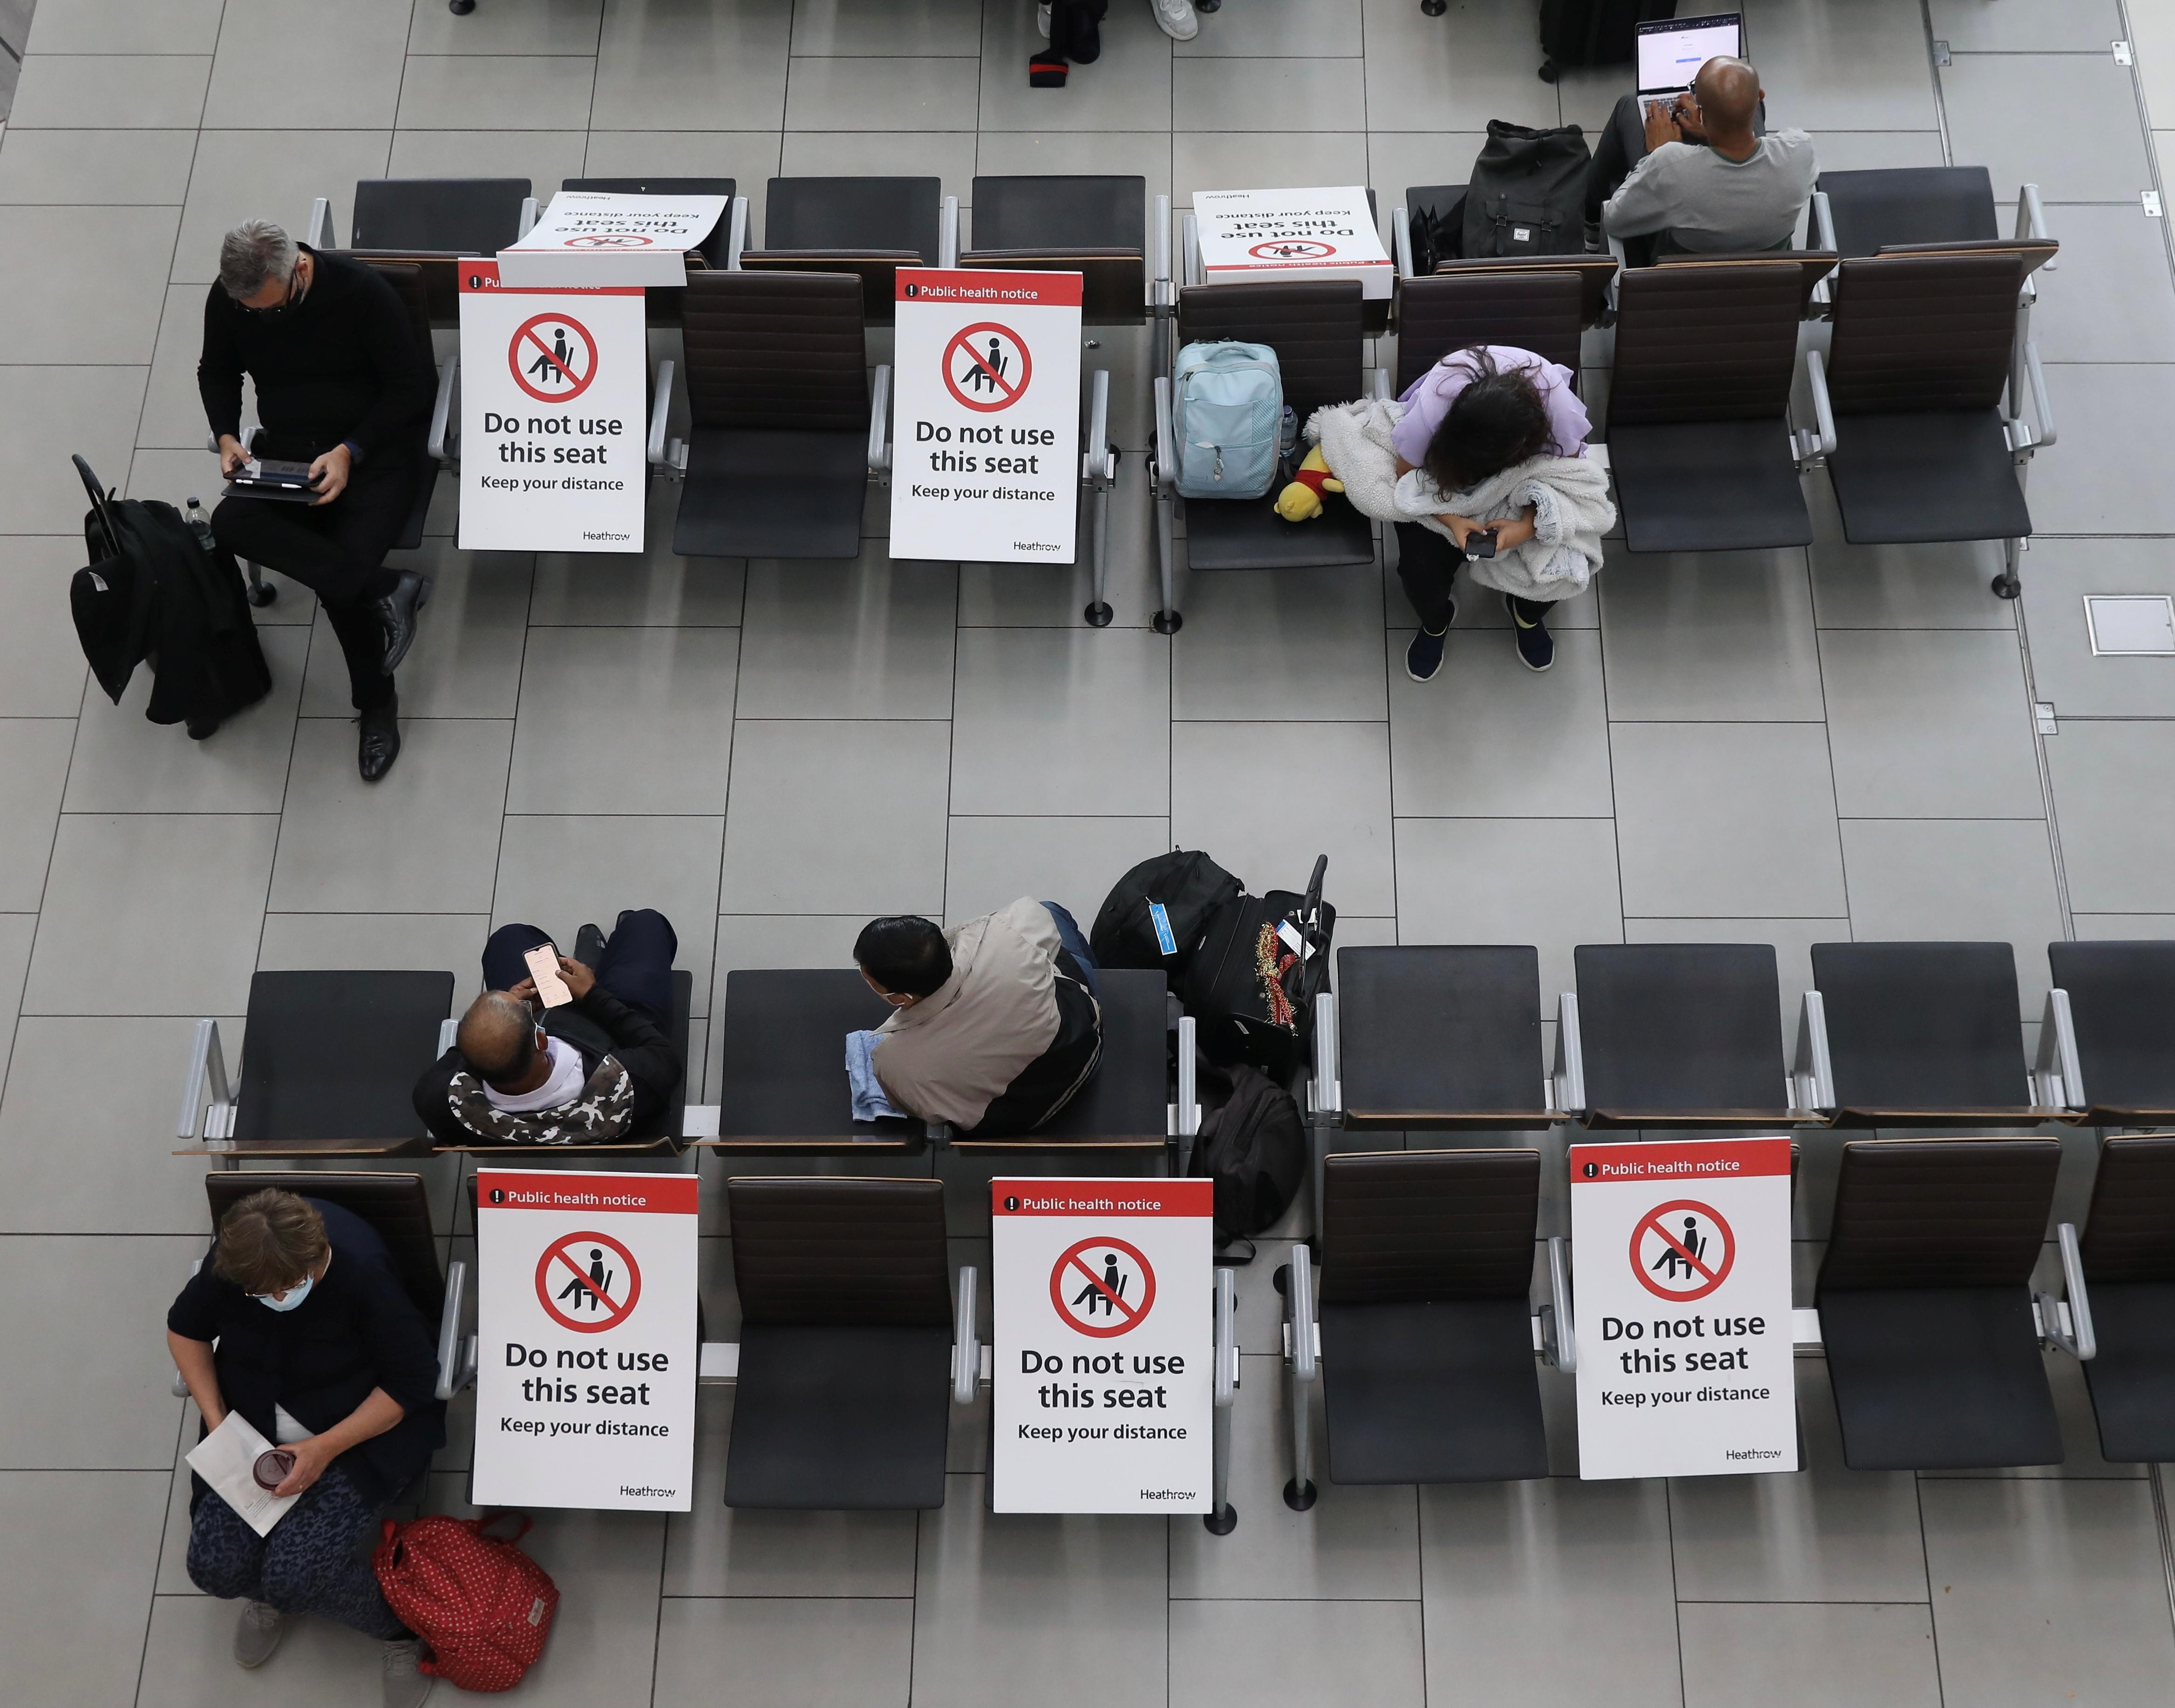 19 年 7 月 2021 日在英国伦敦发生冠状病毒病 (COVIDXNUMX) 大流行期间,乘客在希思罗机场等待社交距离较远的椅子。REUTERS/Kevin Coombs